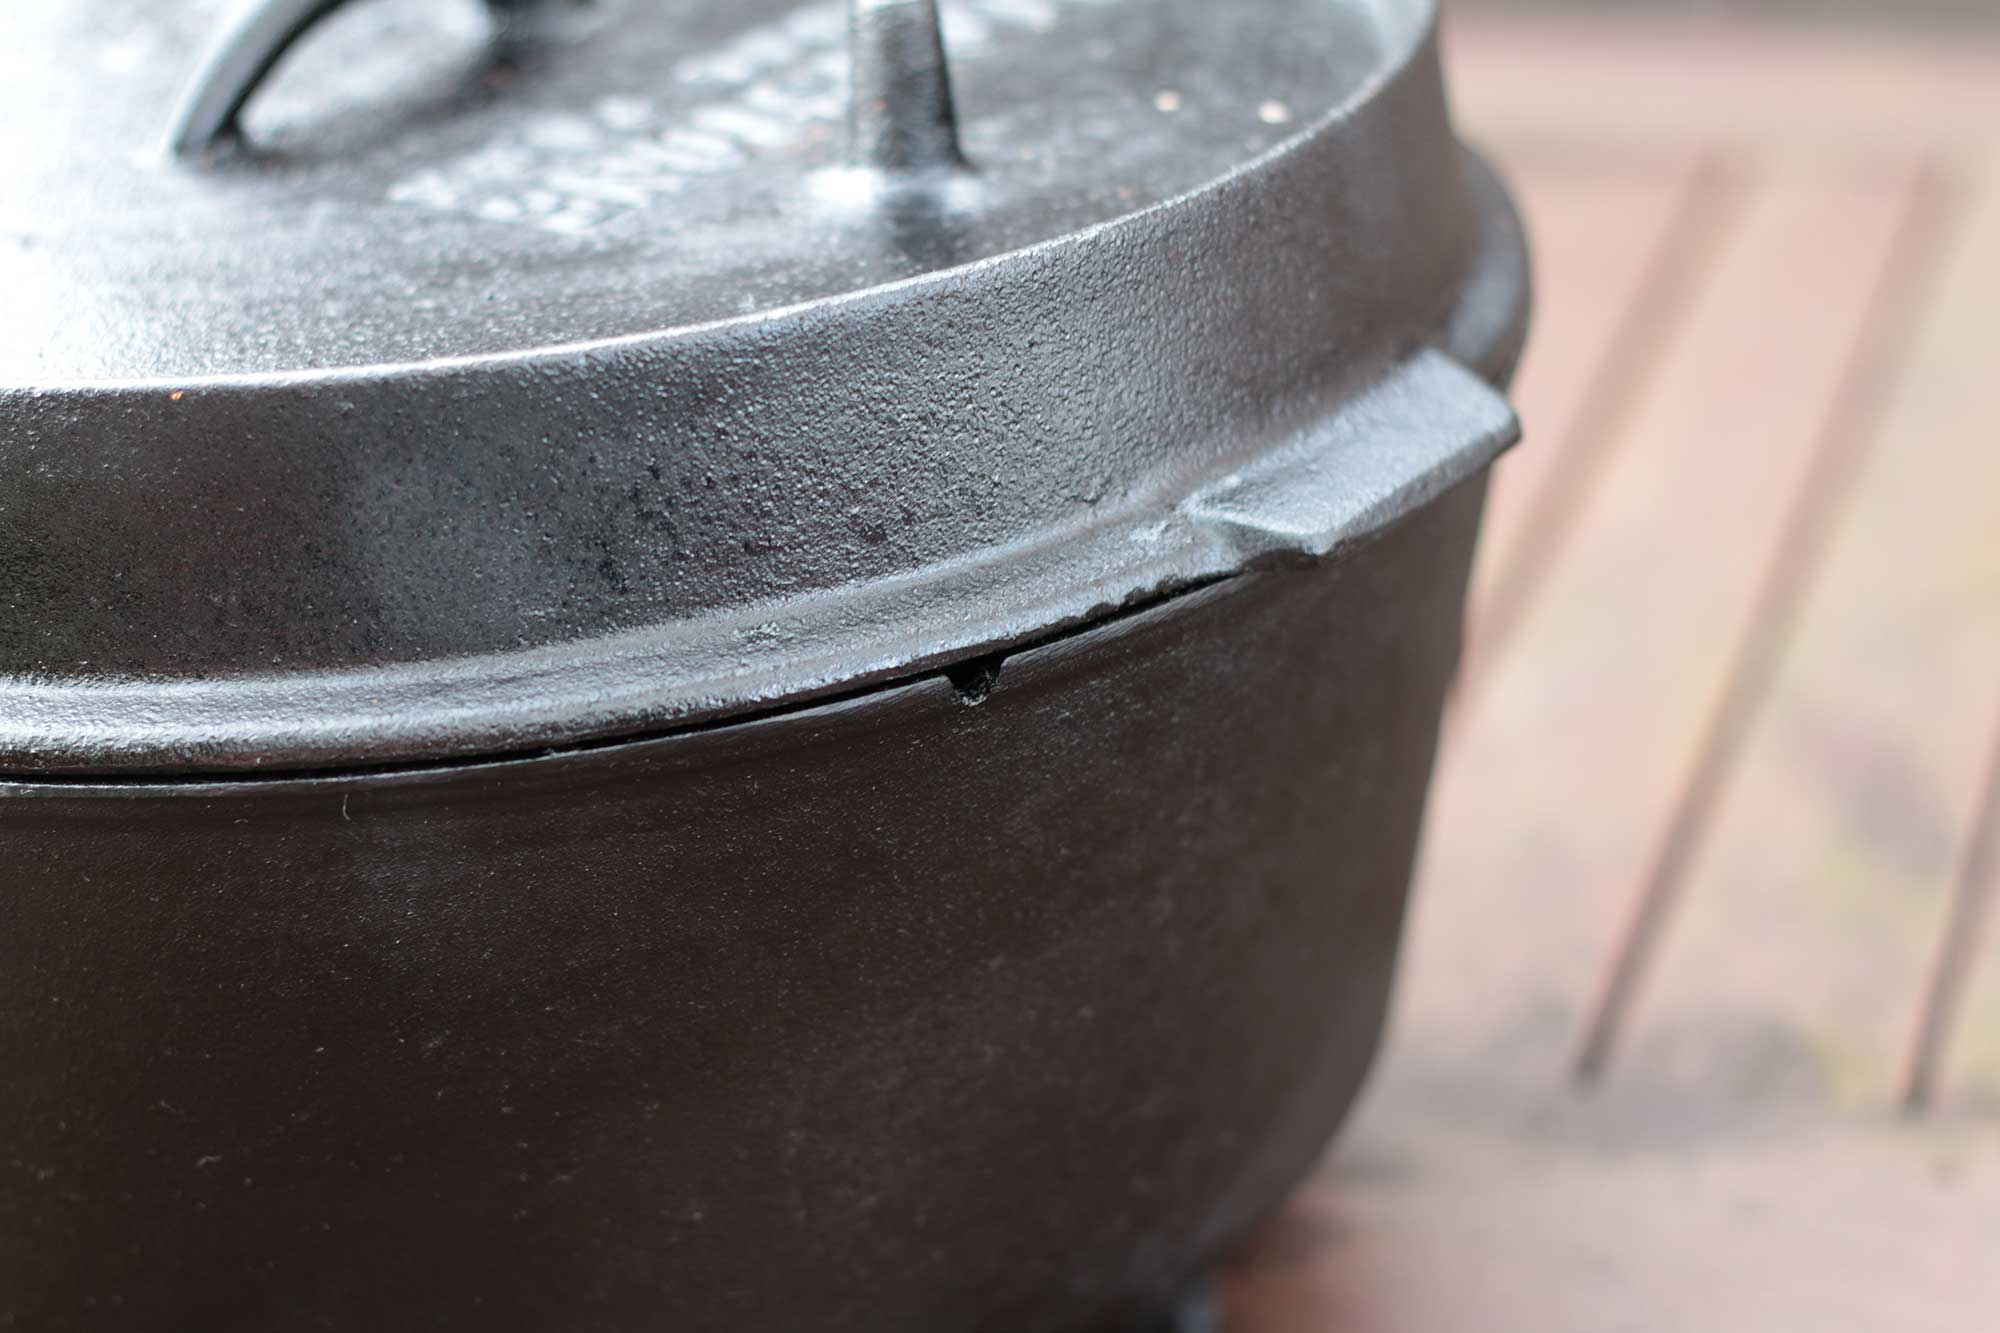 Weber Holzkohlegrill Einbrennen : Dutch oven einbrennen einfache anleitung zum einbrennen